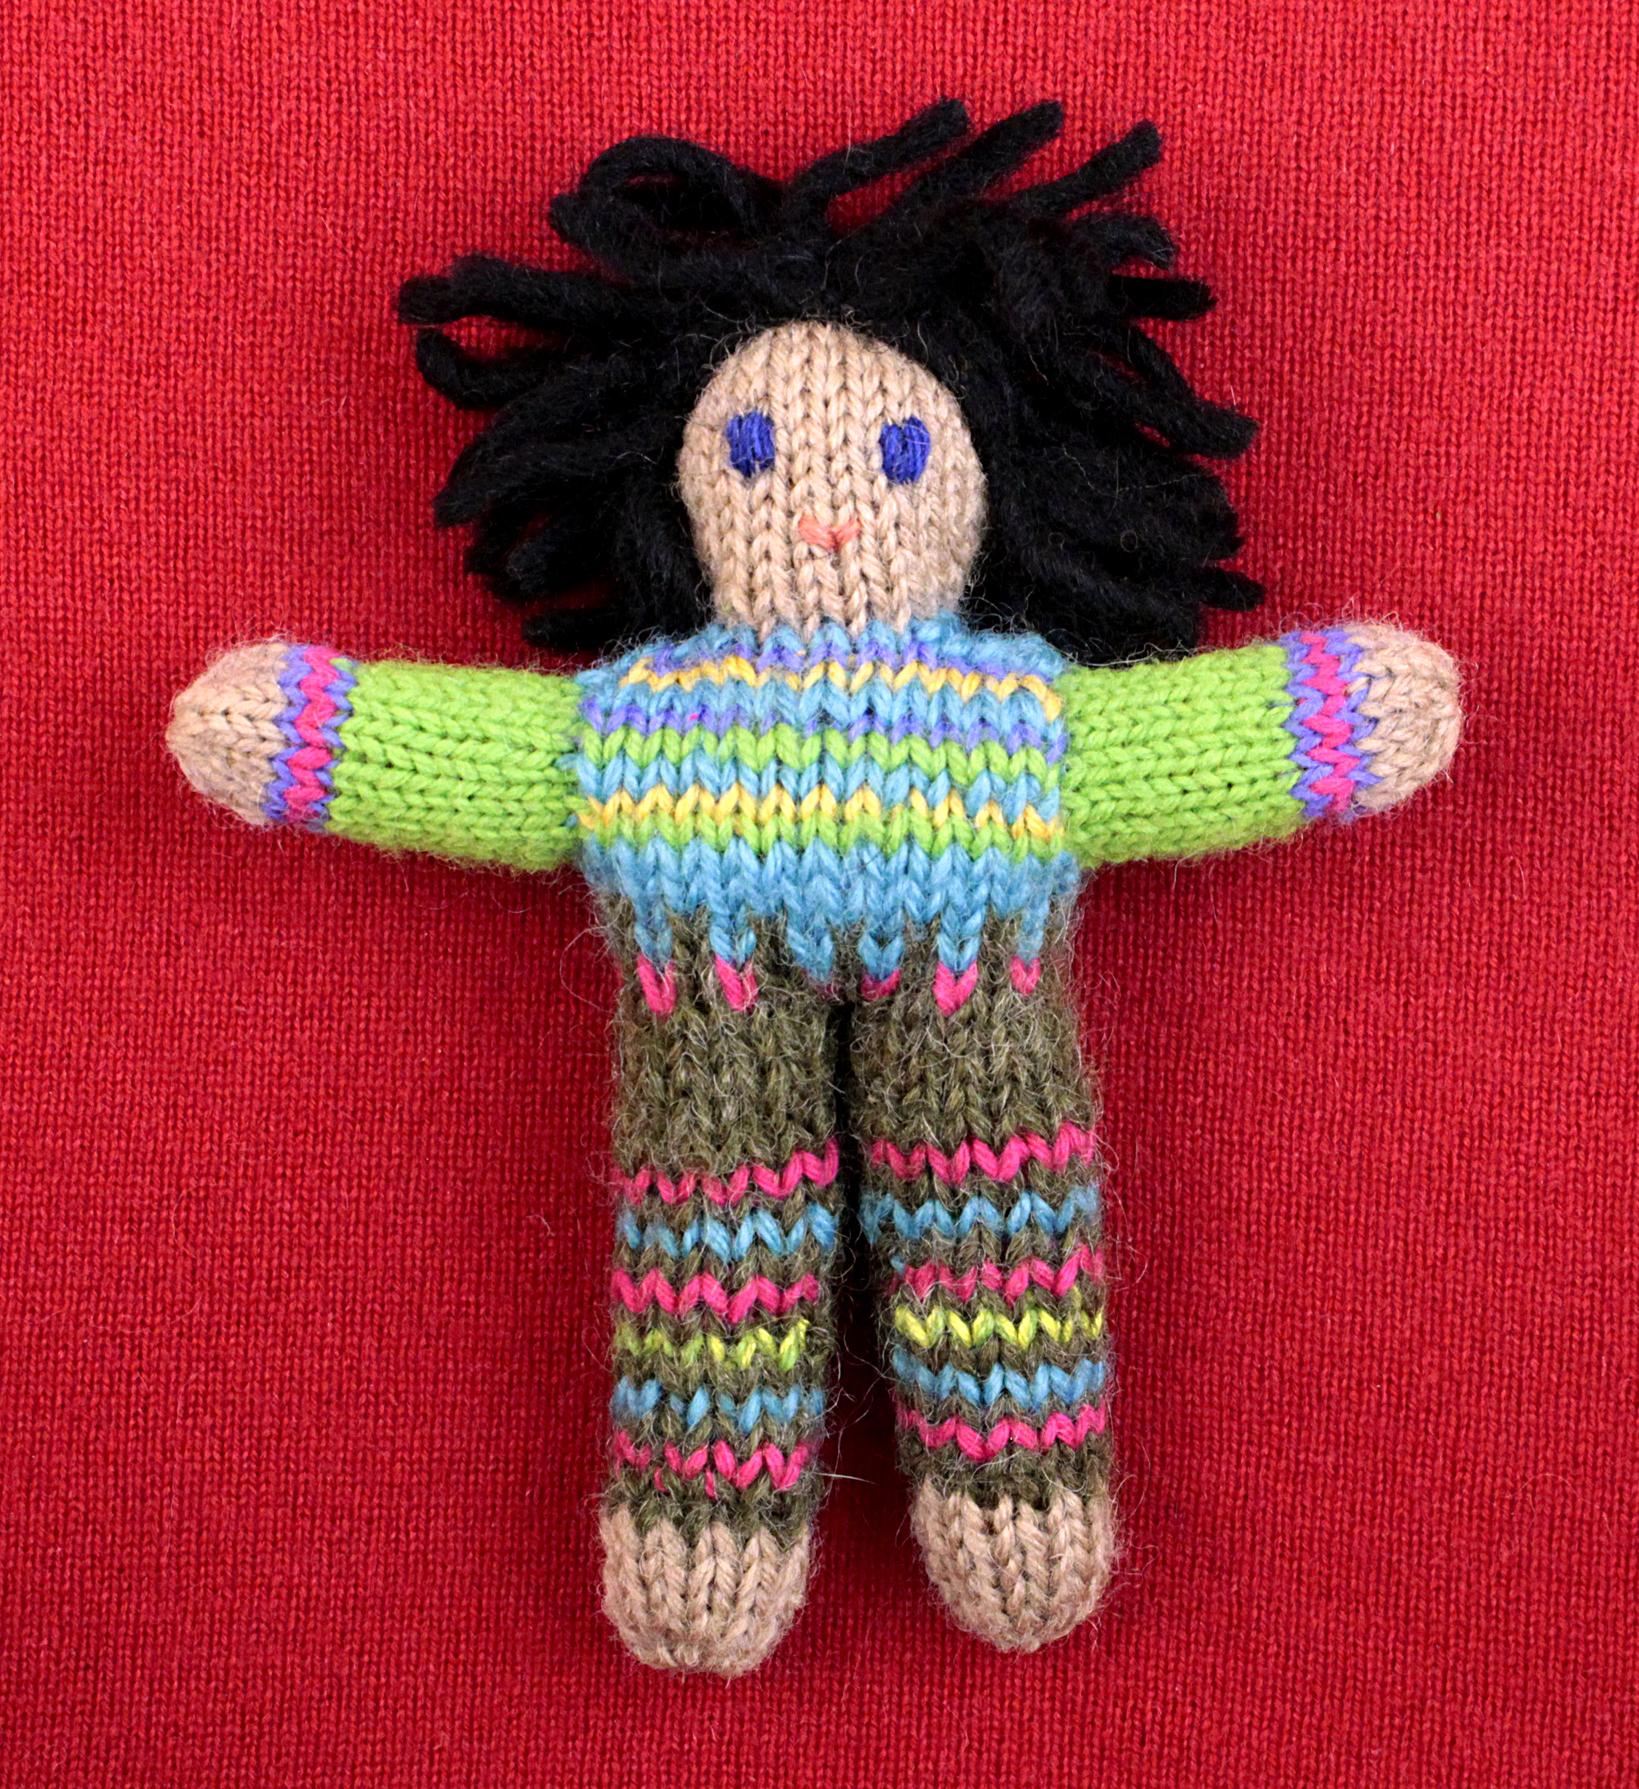 Wee Woolie doll #D0223.